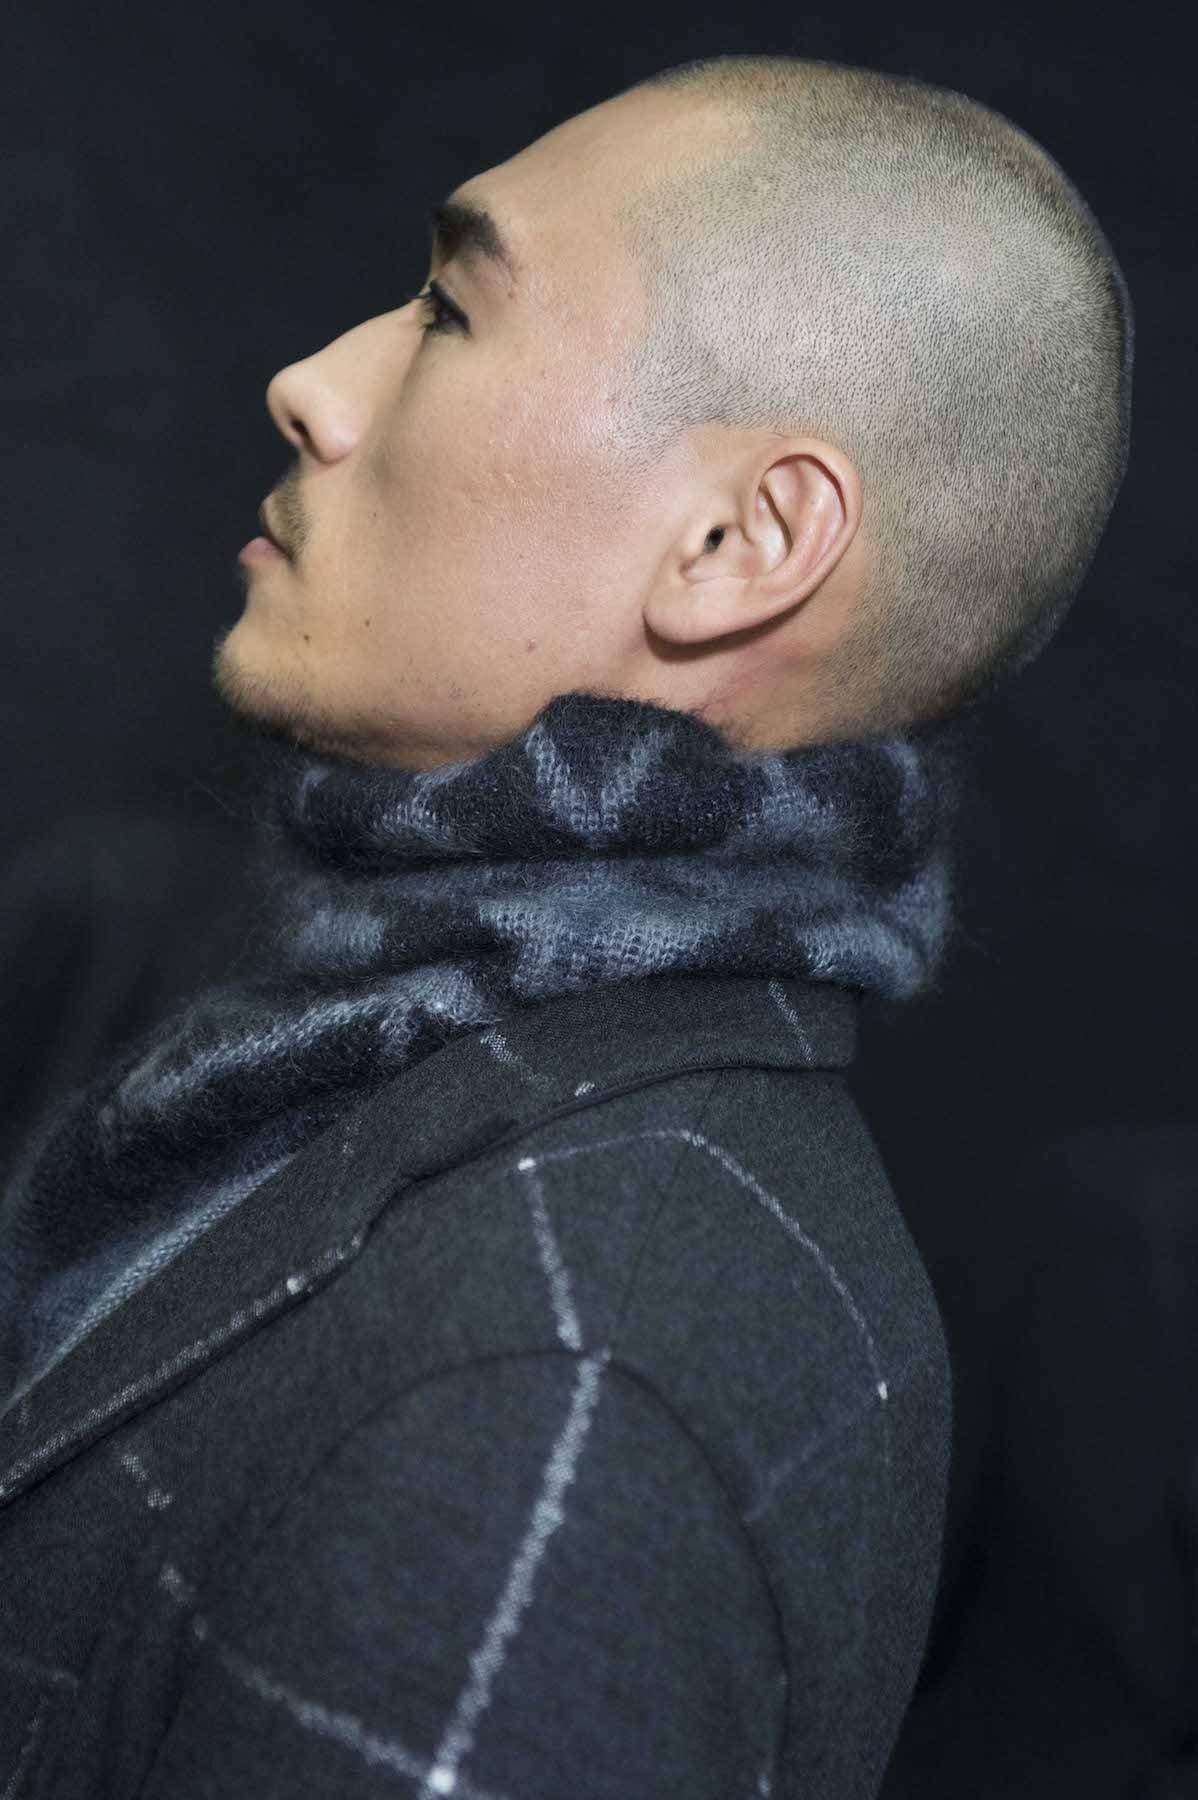 penyebab rambut rontok pada pria bisa berupa faktor genetik ca2137cb75